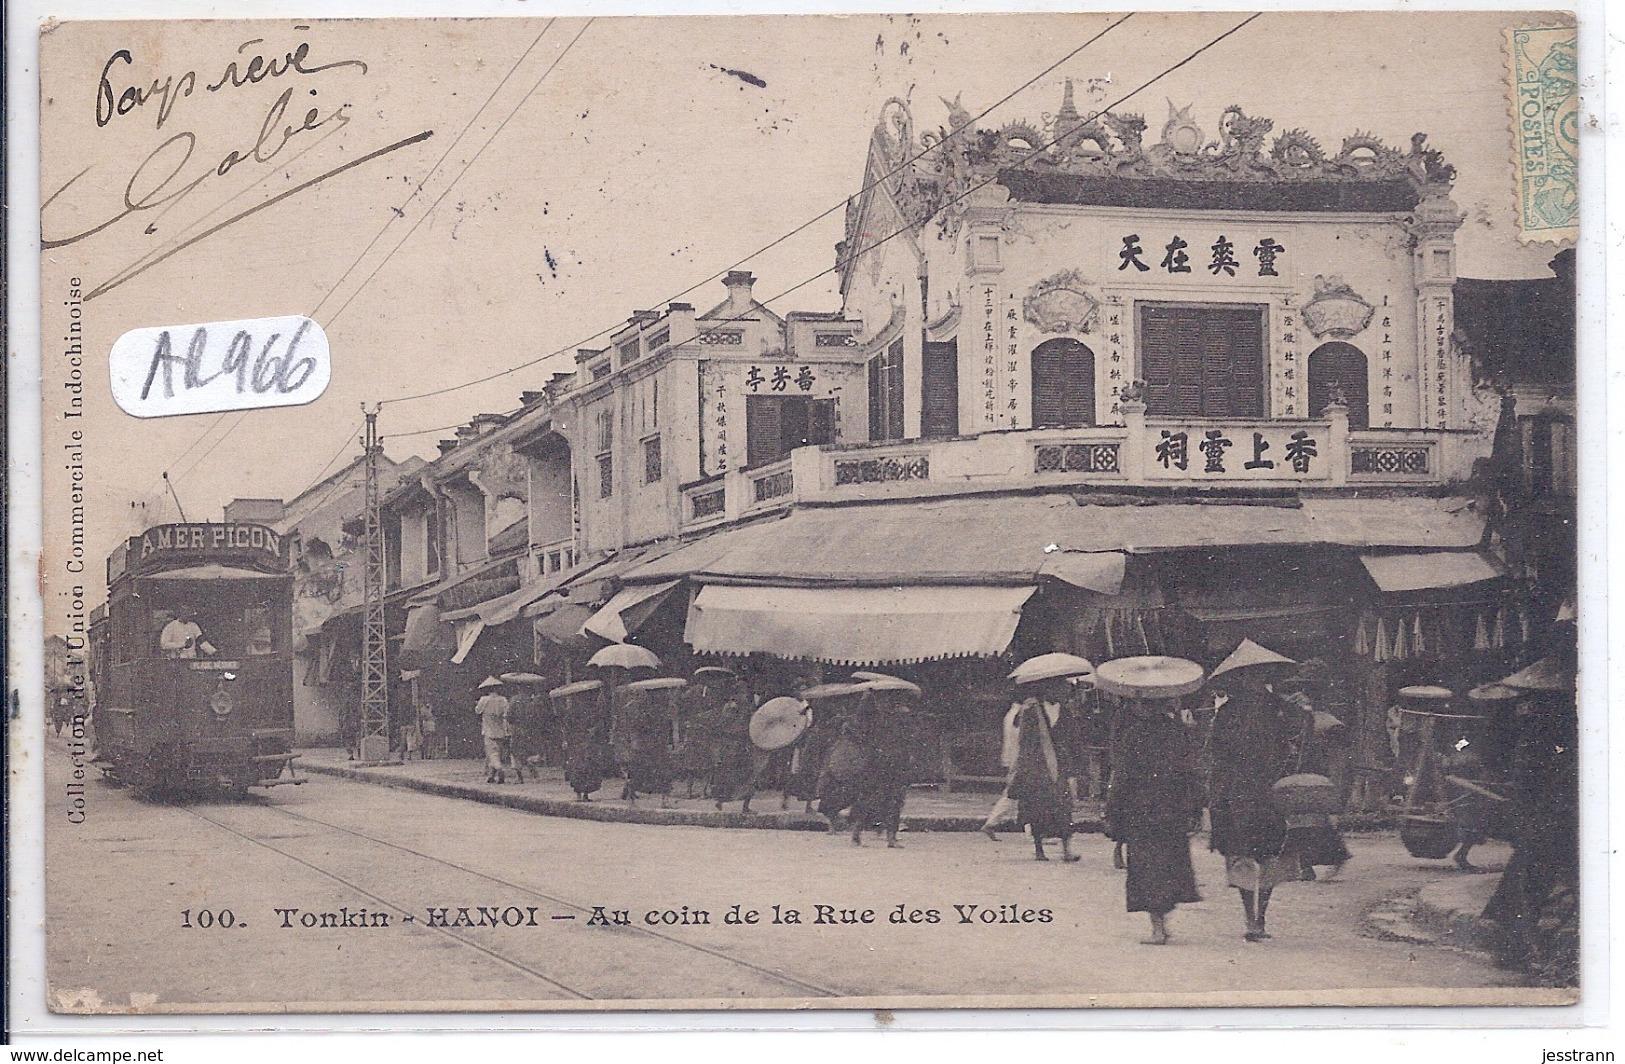 TONKIN- HANOI- LE TRAMWAY PUB AMER PICON AU COIN DE LA RUE DES VOILES - Postcards